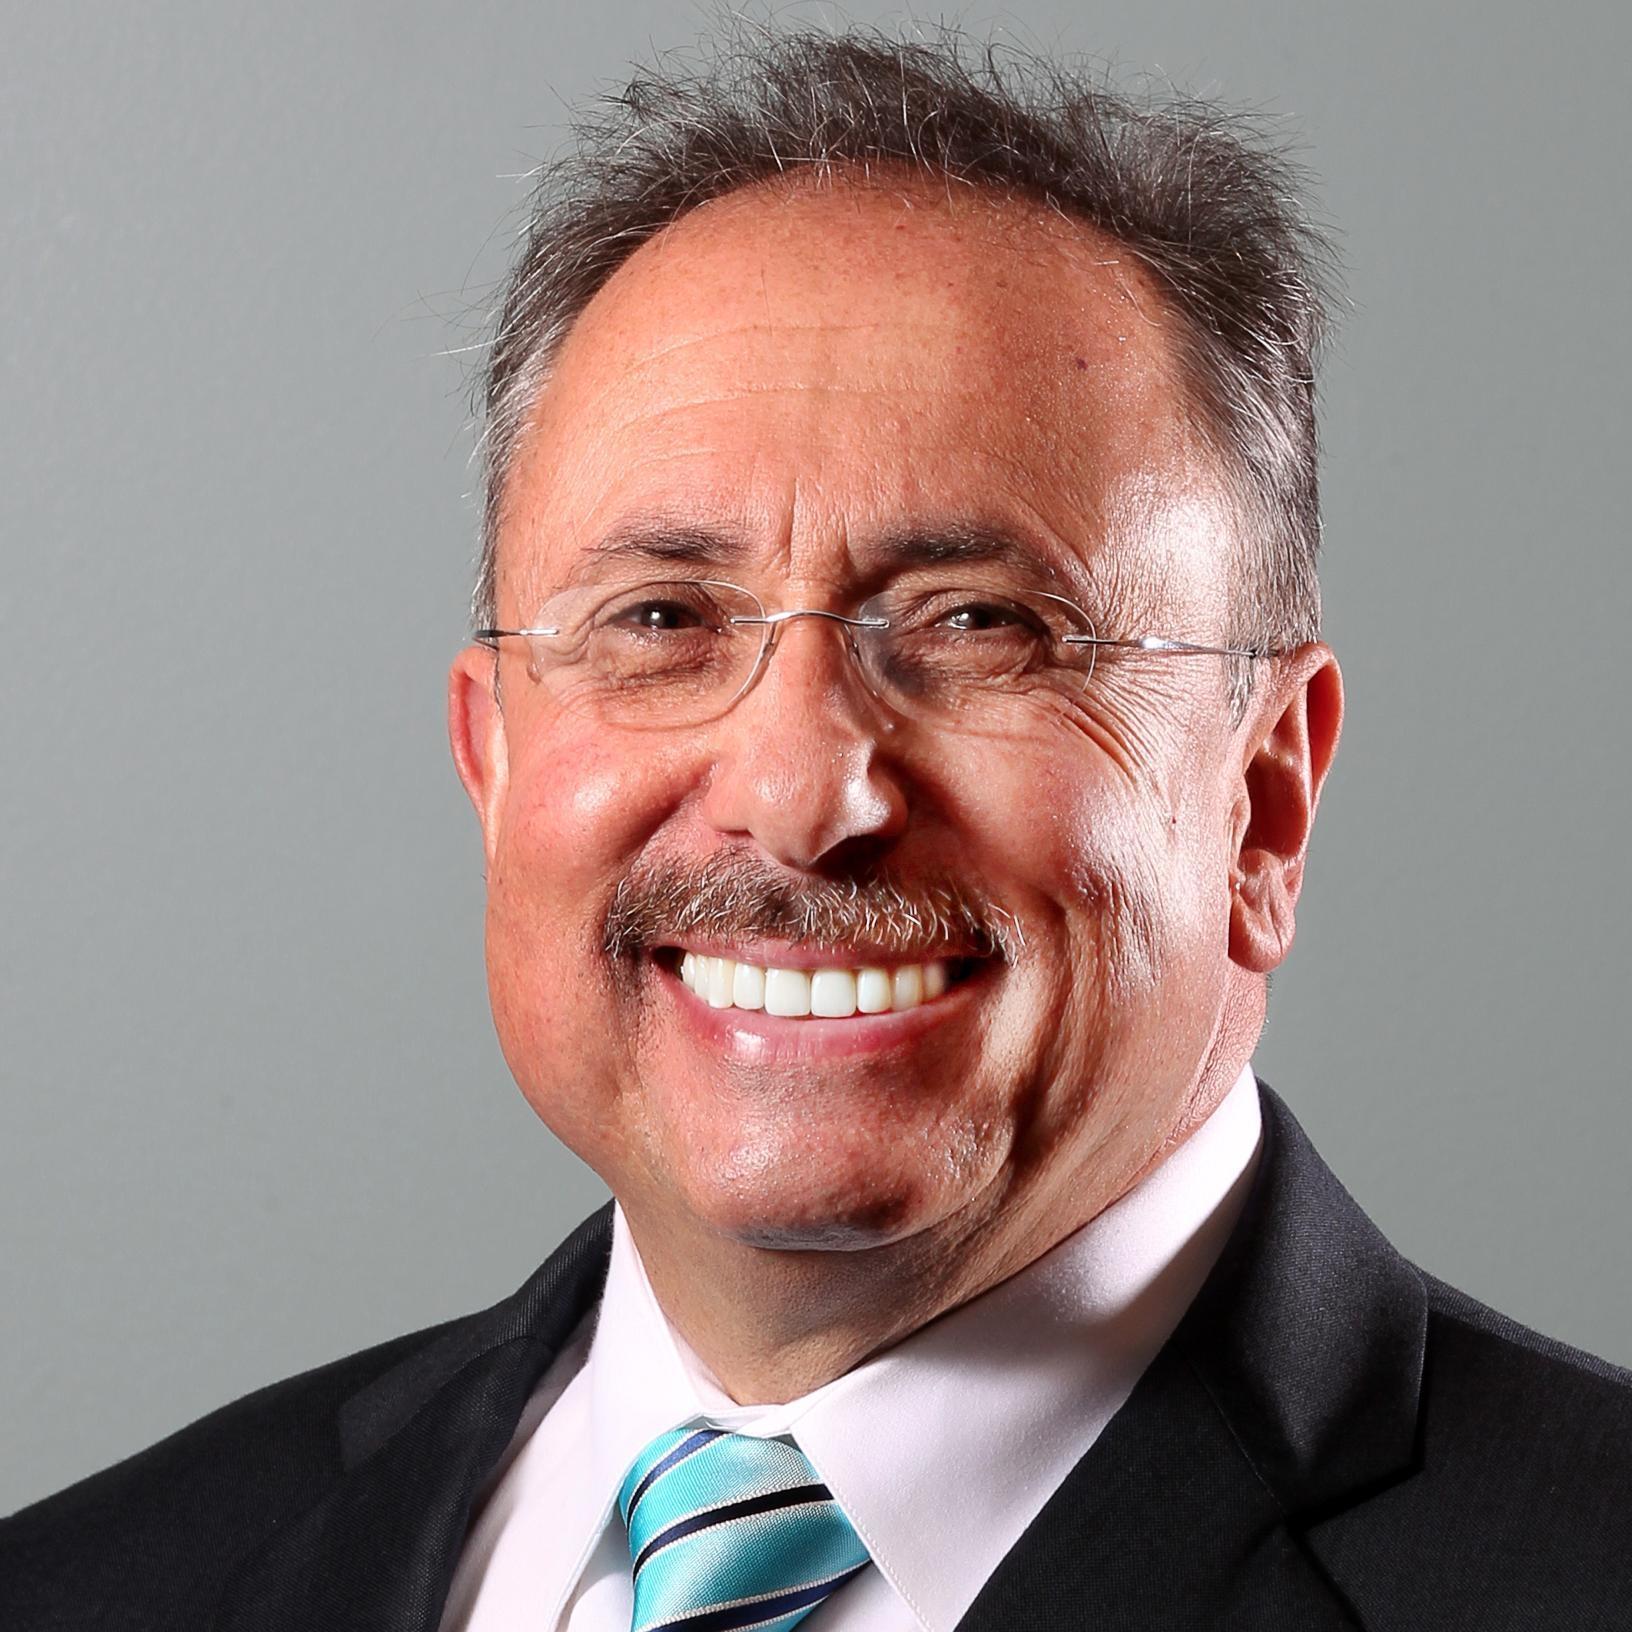 Euksuzian Orthodontics: Sarkis Euksuzian, DMD, PA